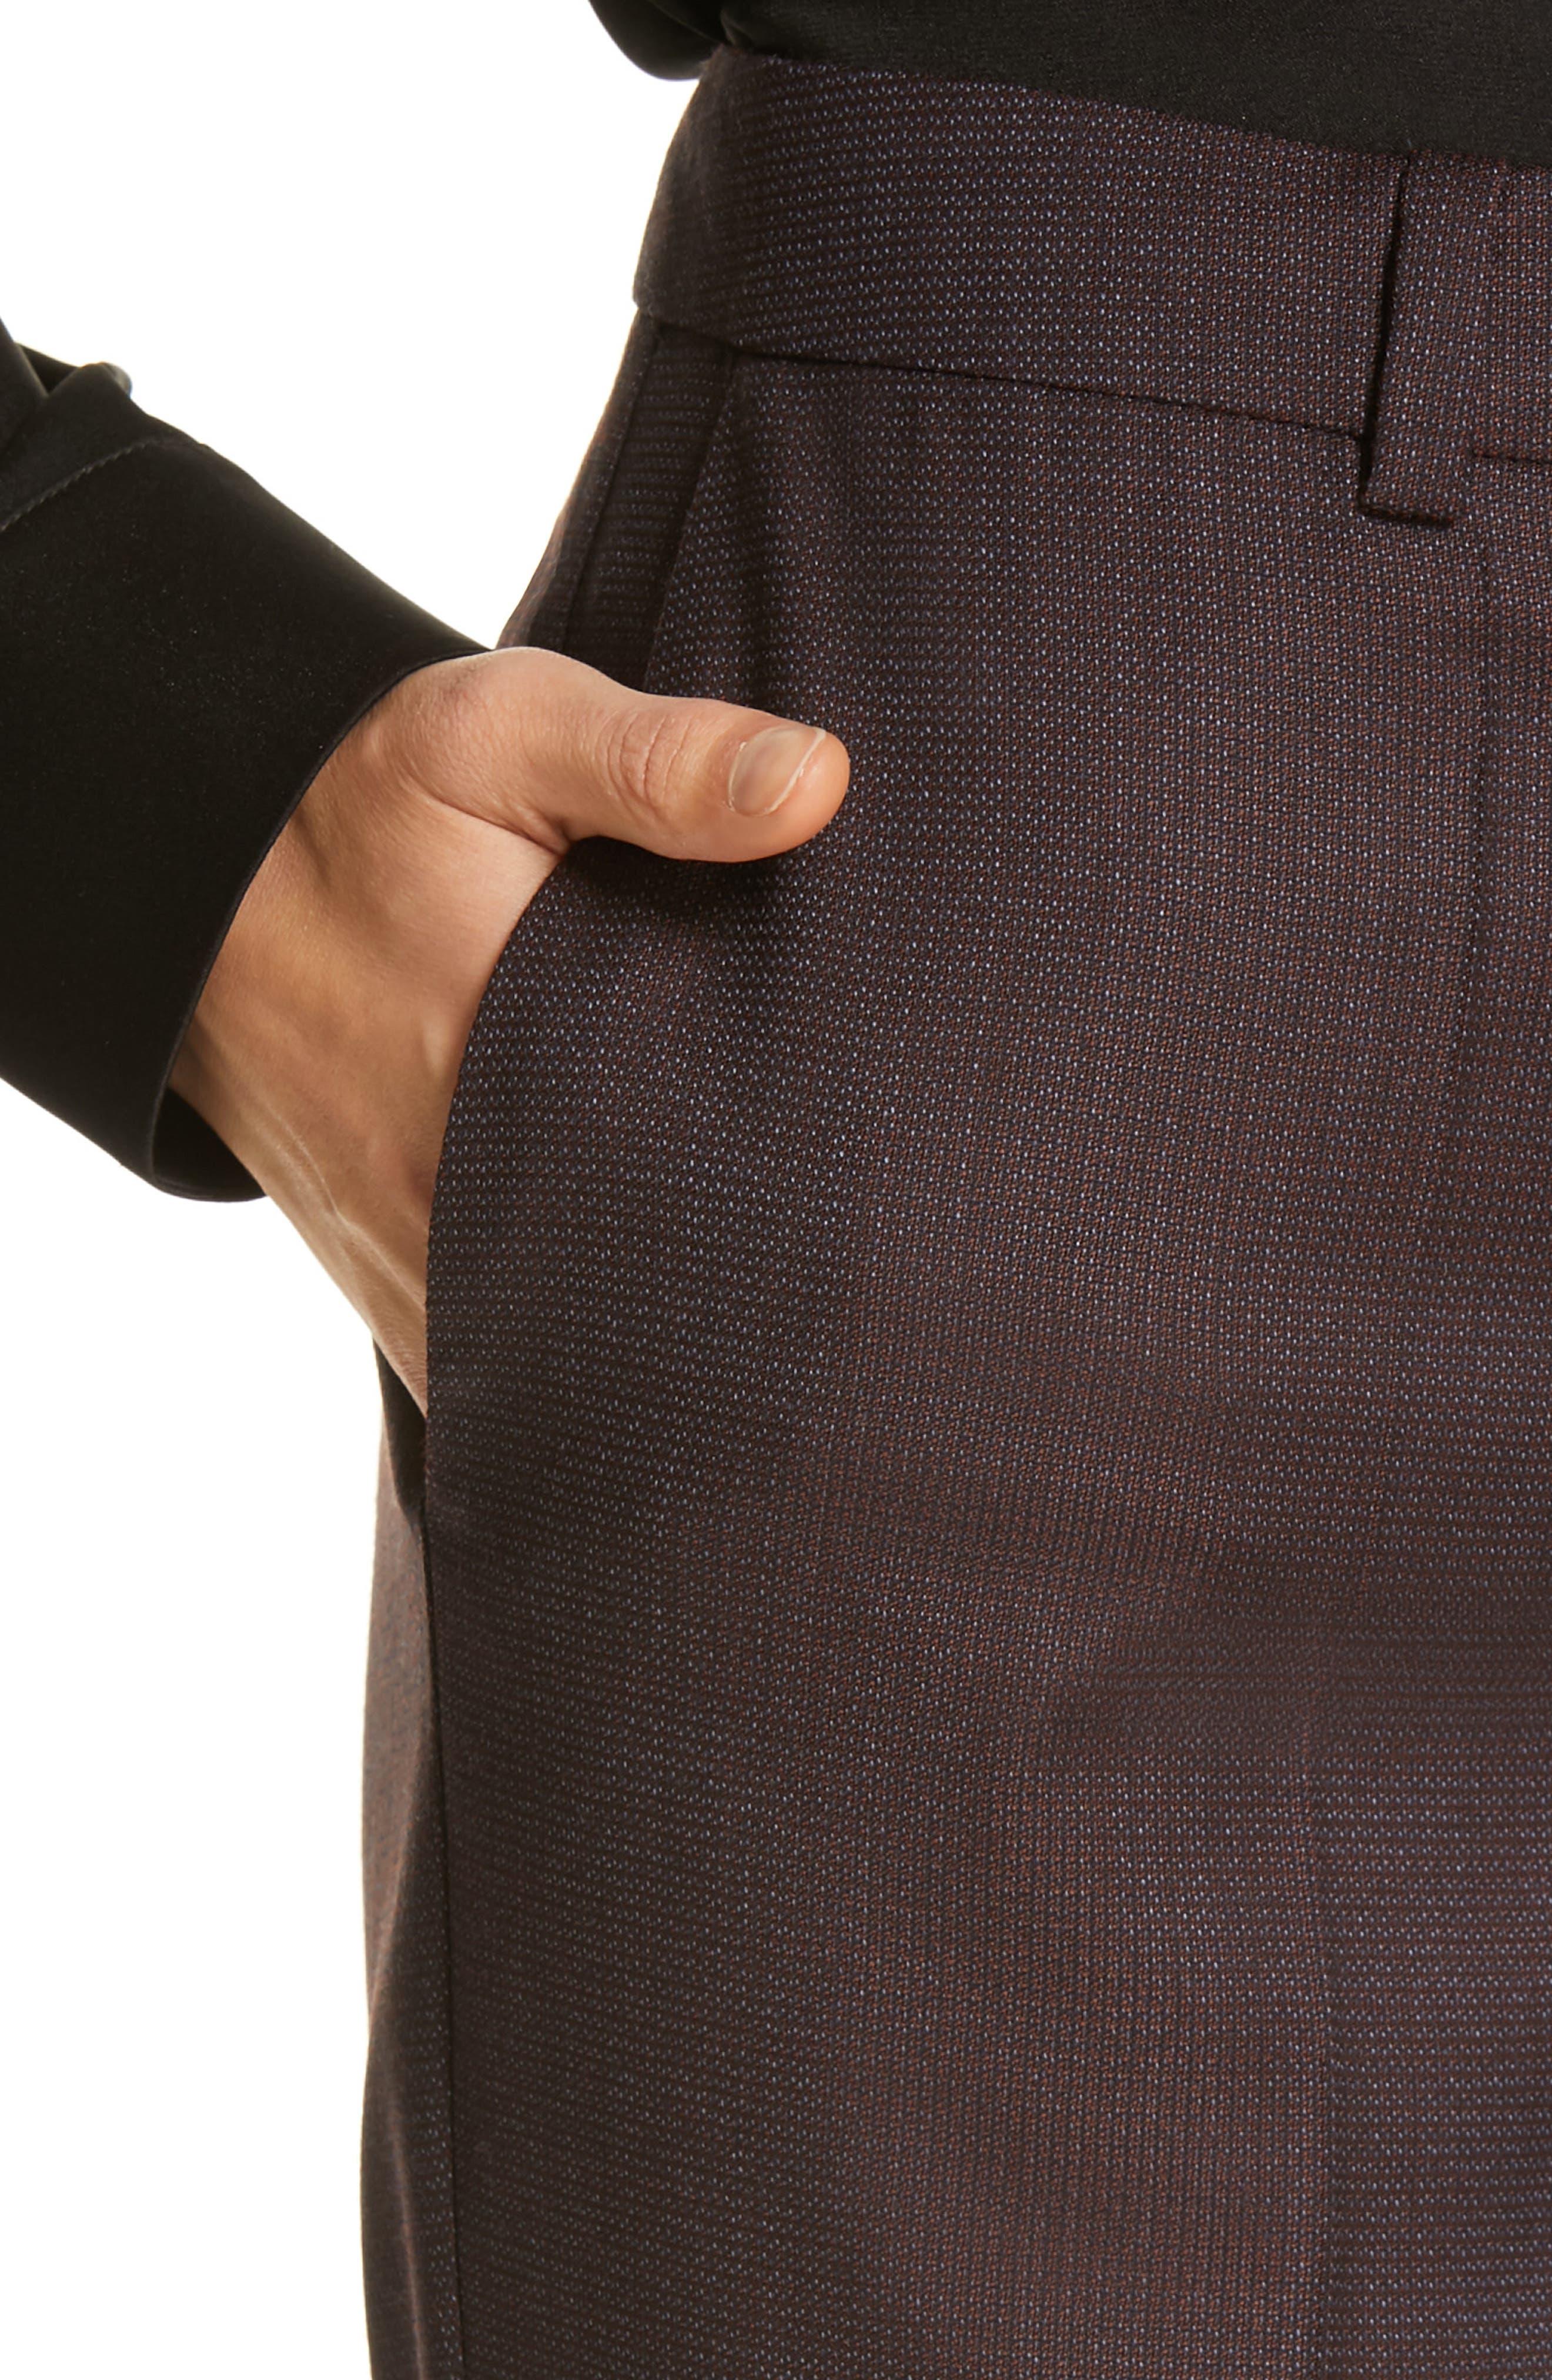 Tamea Slim Wool Suit Pants,                             Alternate thumbnail 4, color,                             DARK BERRY FANTASY